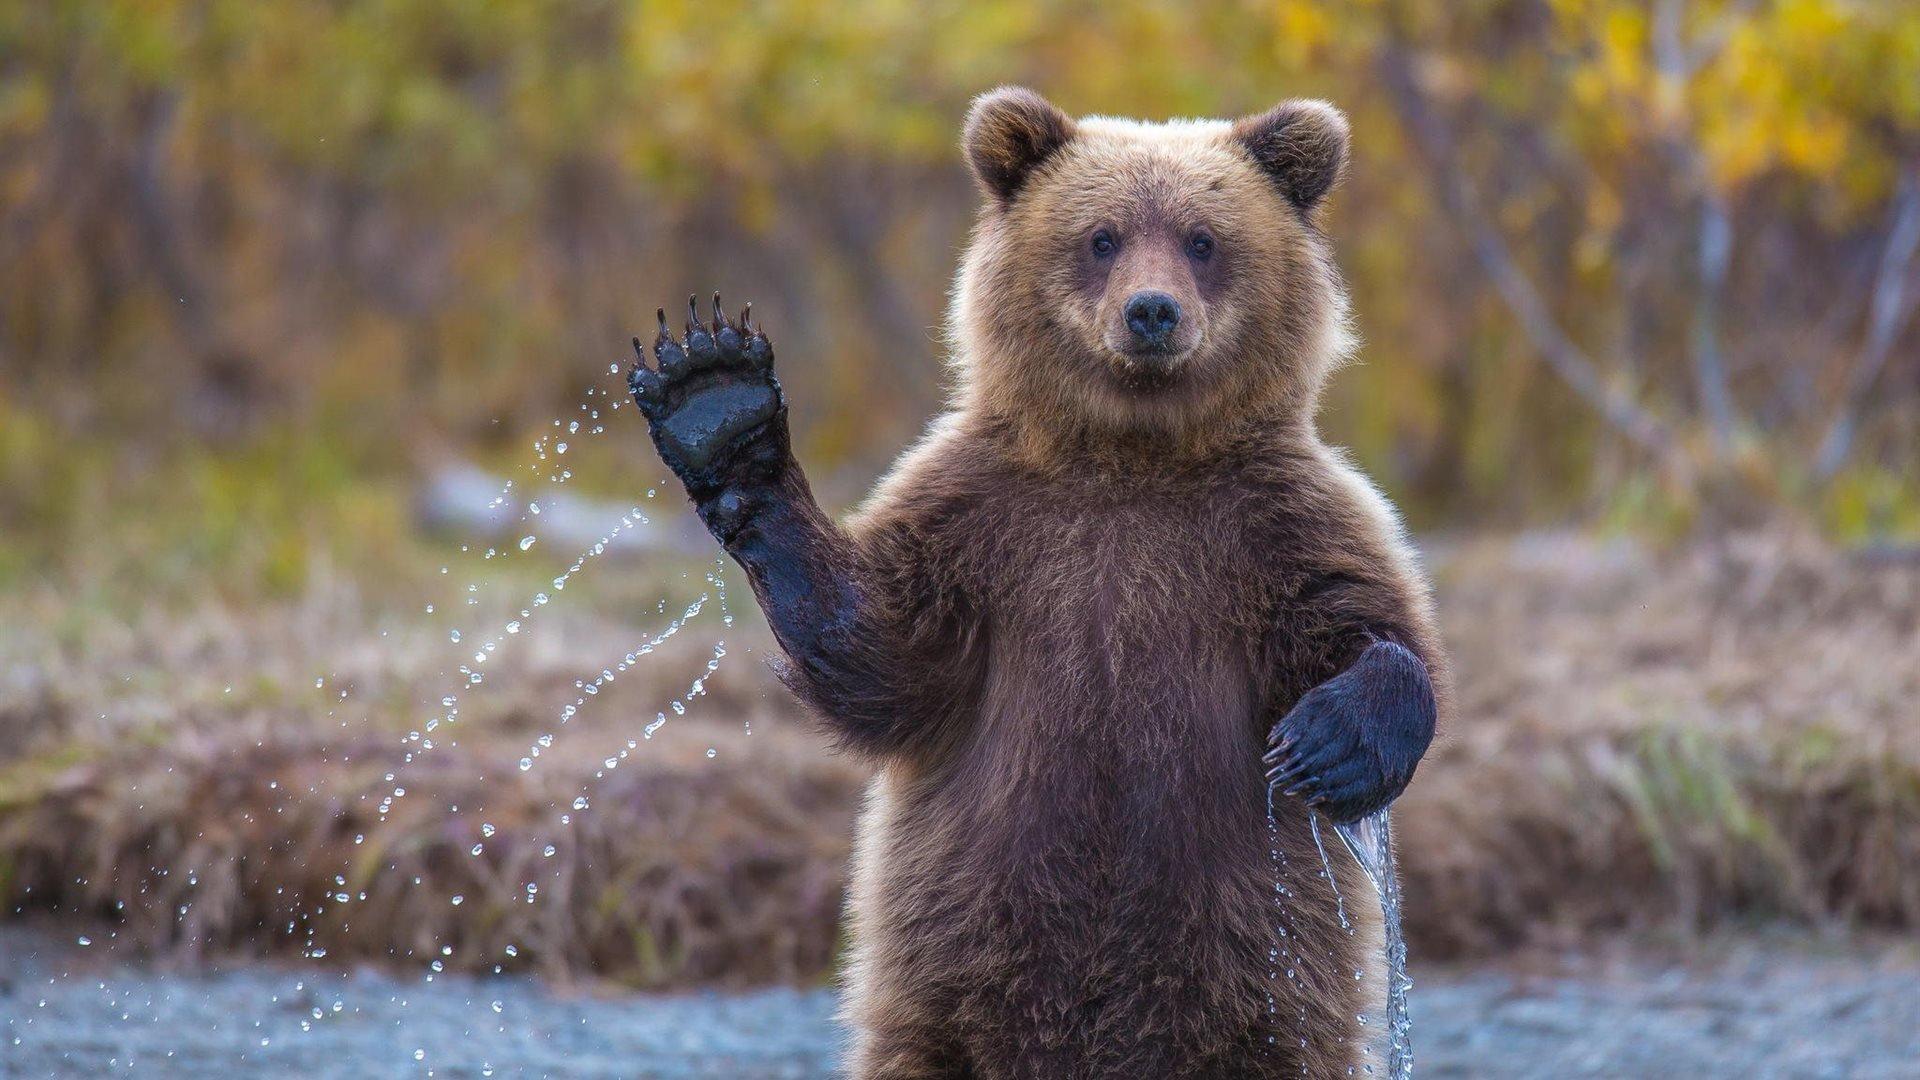 обои на телефон красивые медведи